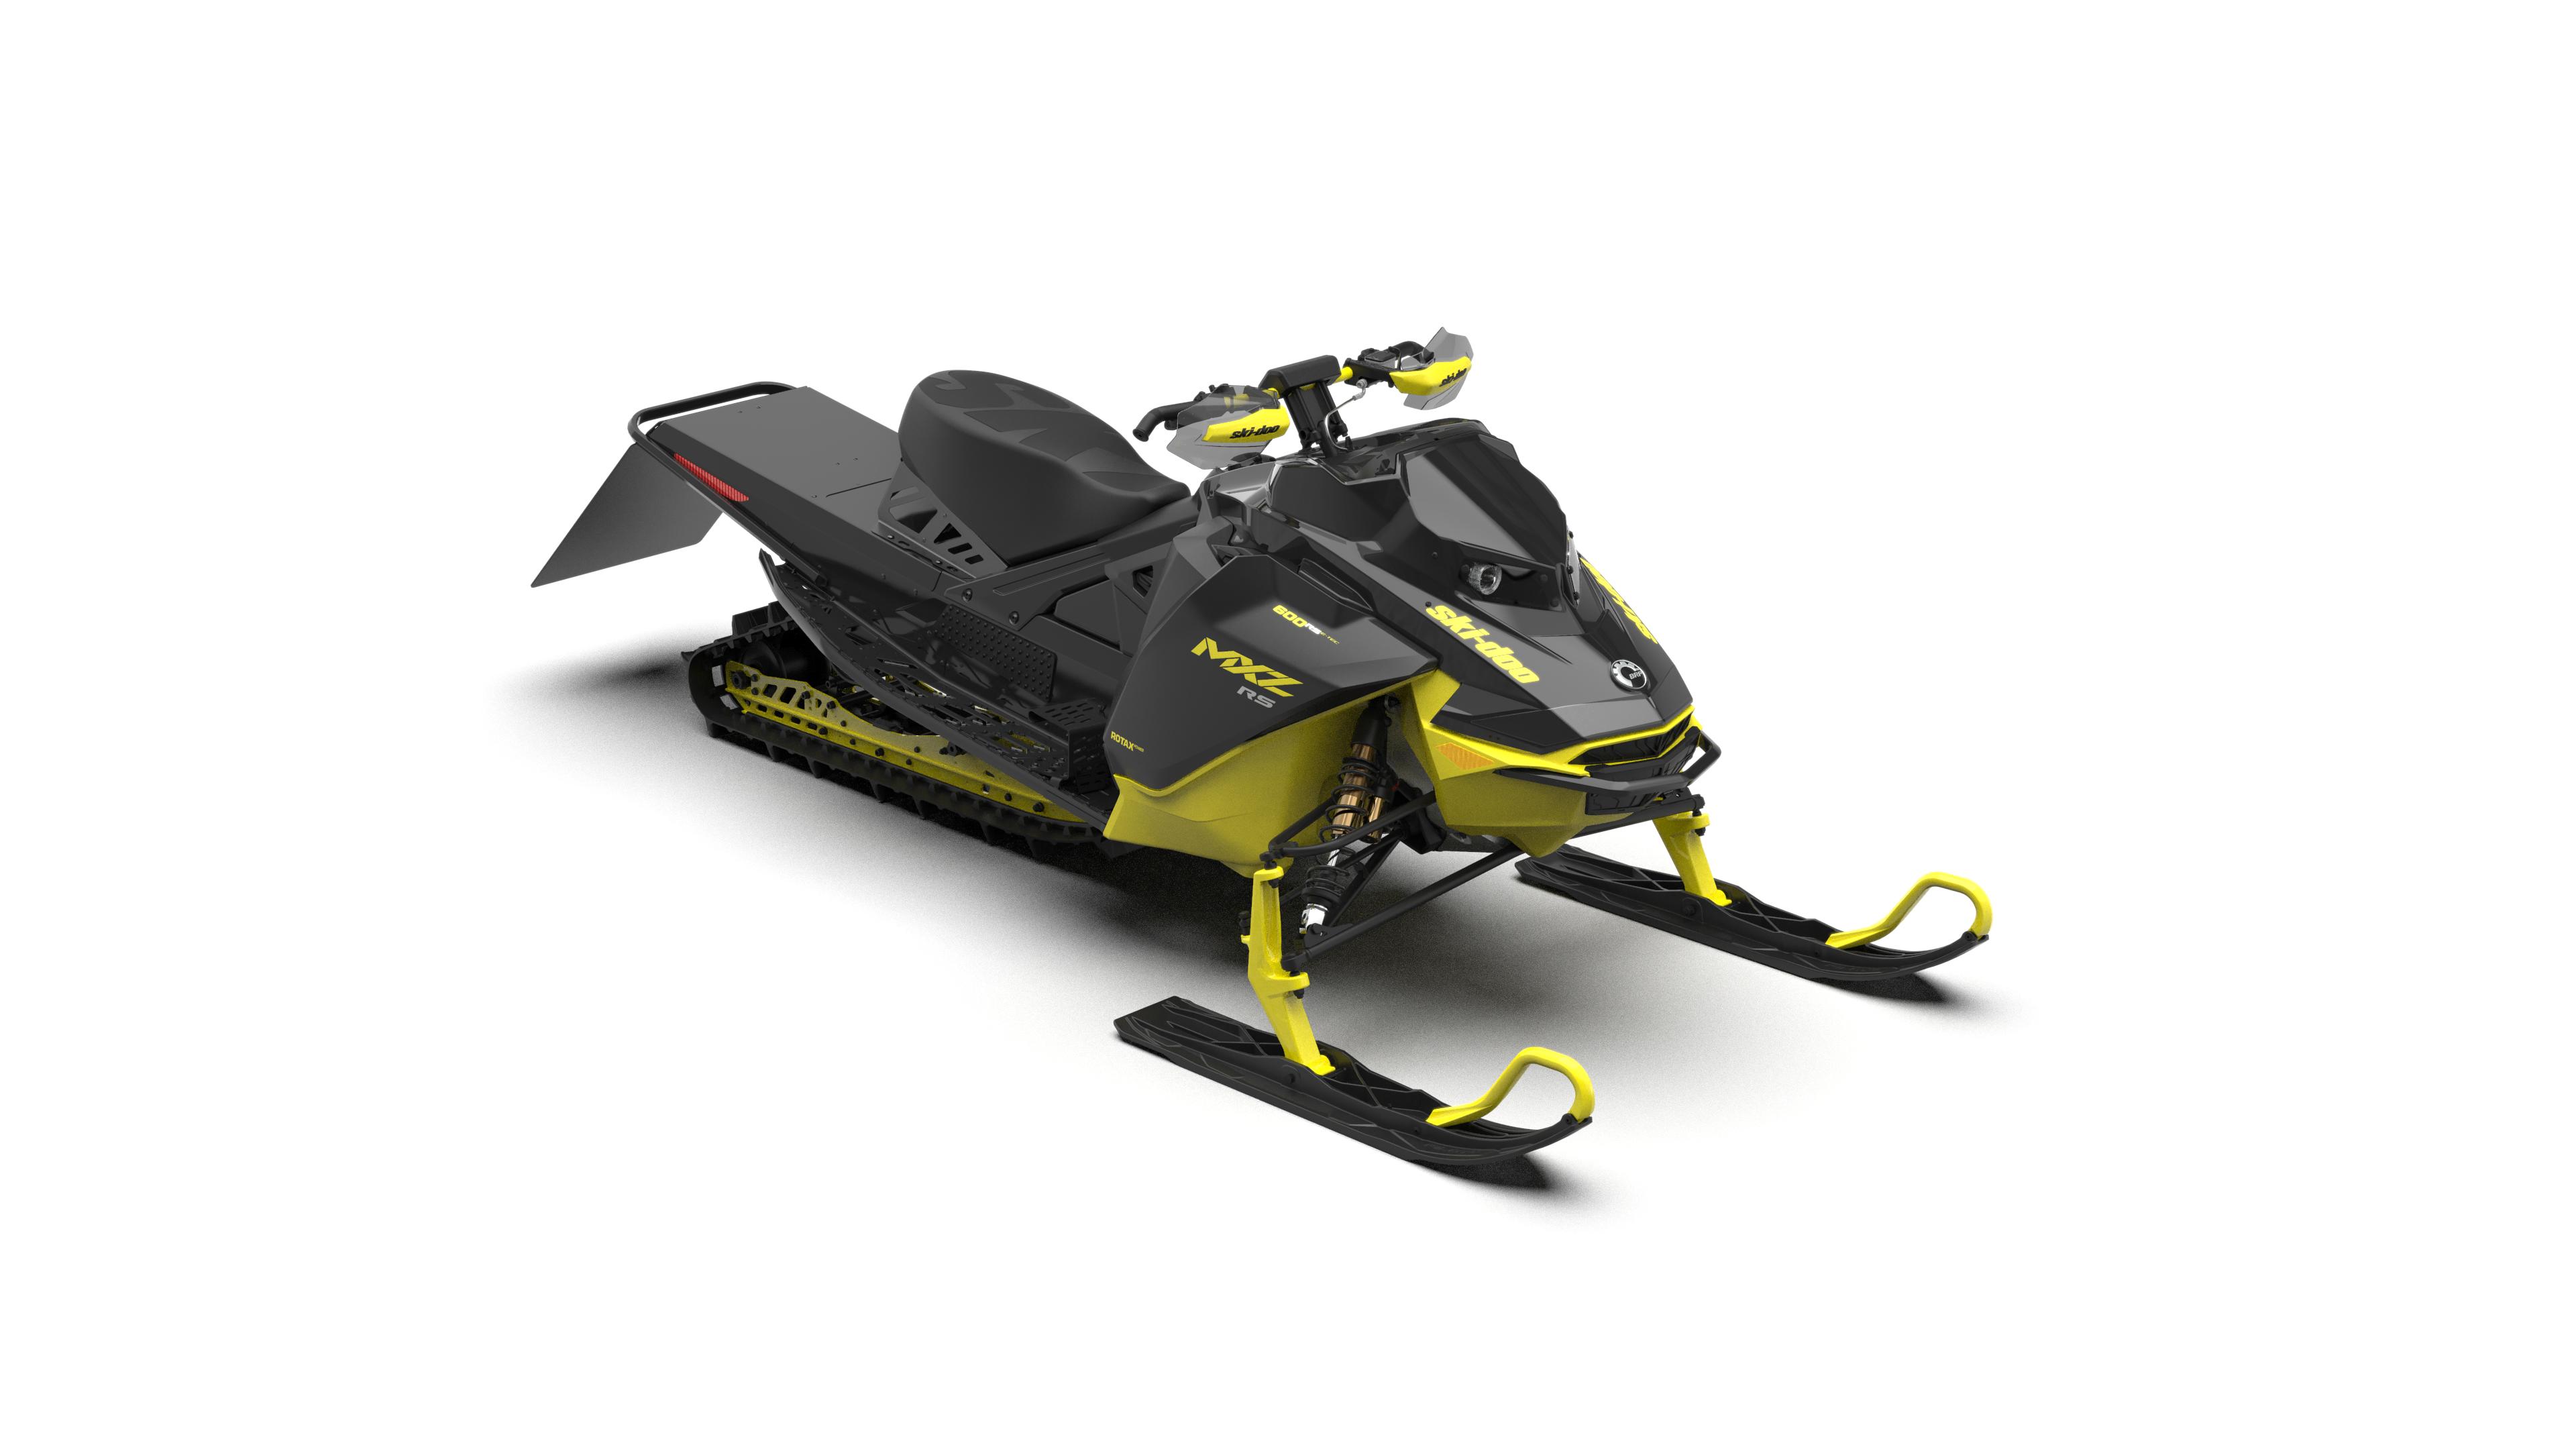 Lancement de la toute nouvelle MXZx 600RS 2022 de Ski-Doo